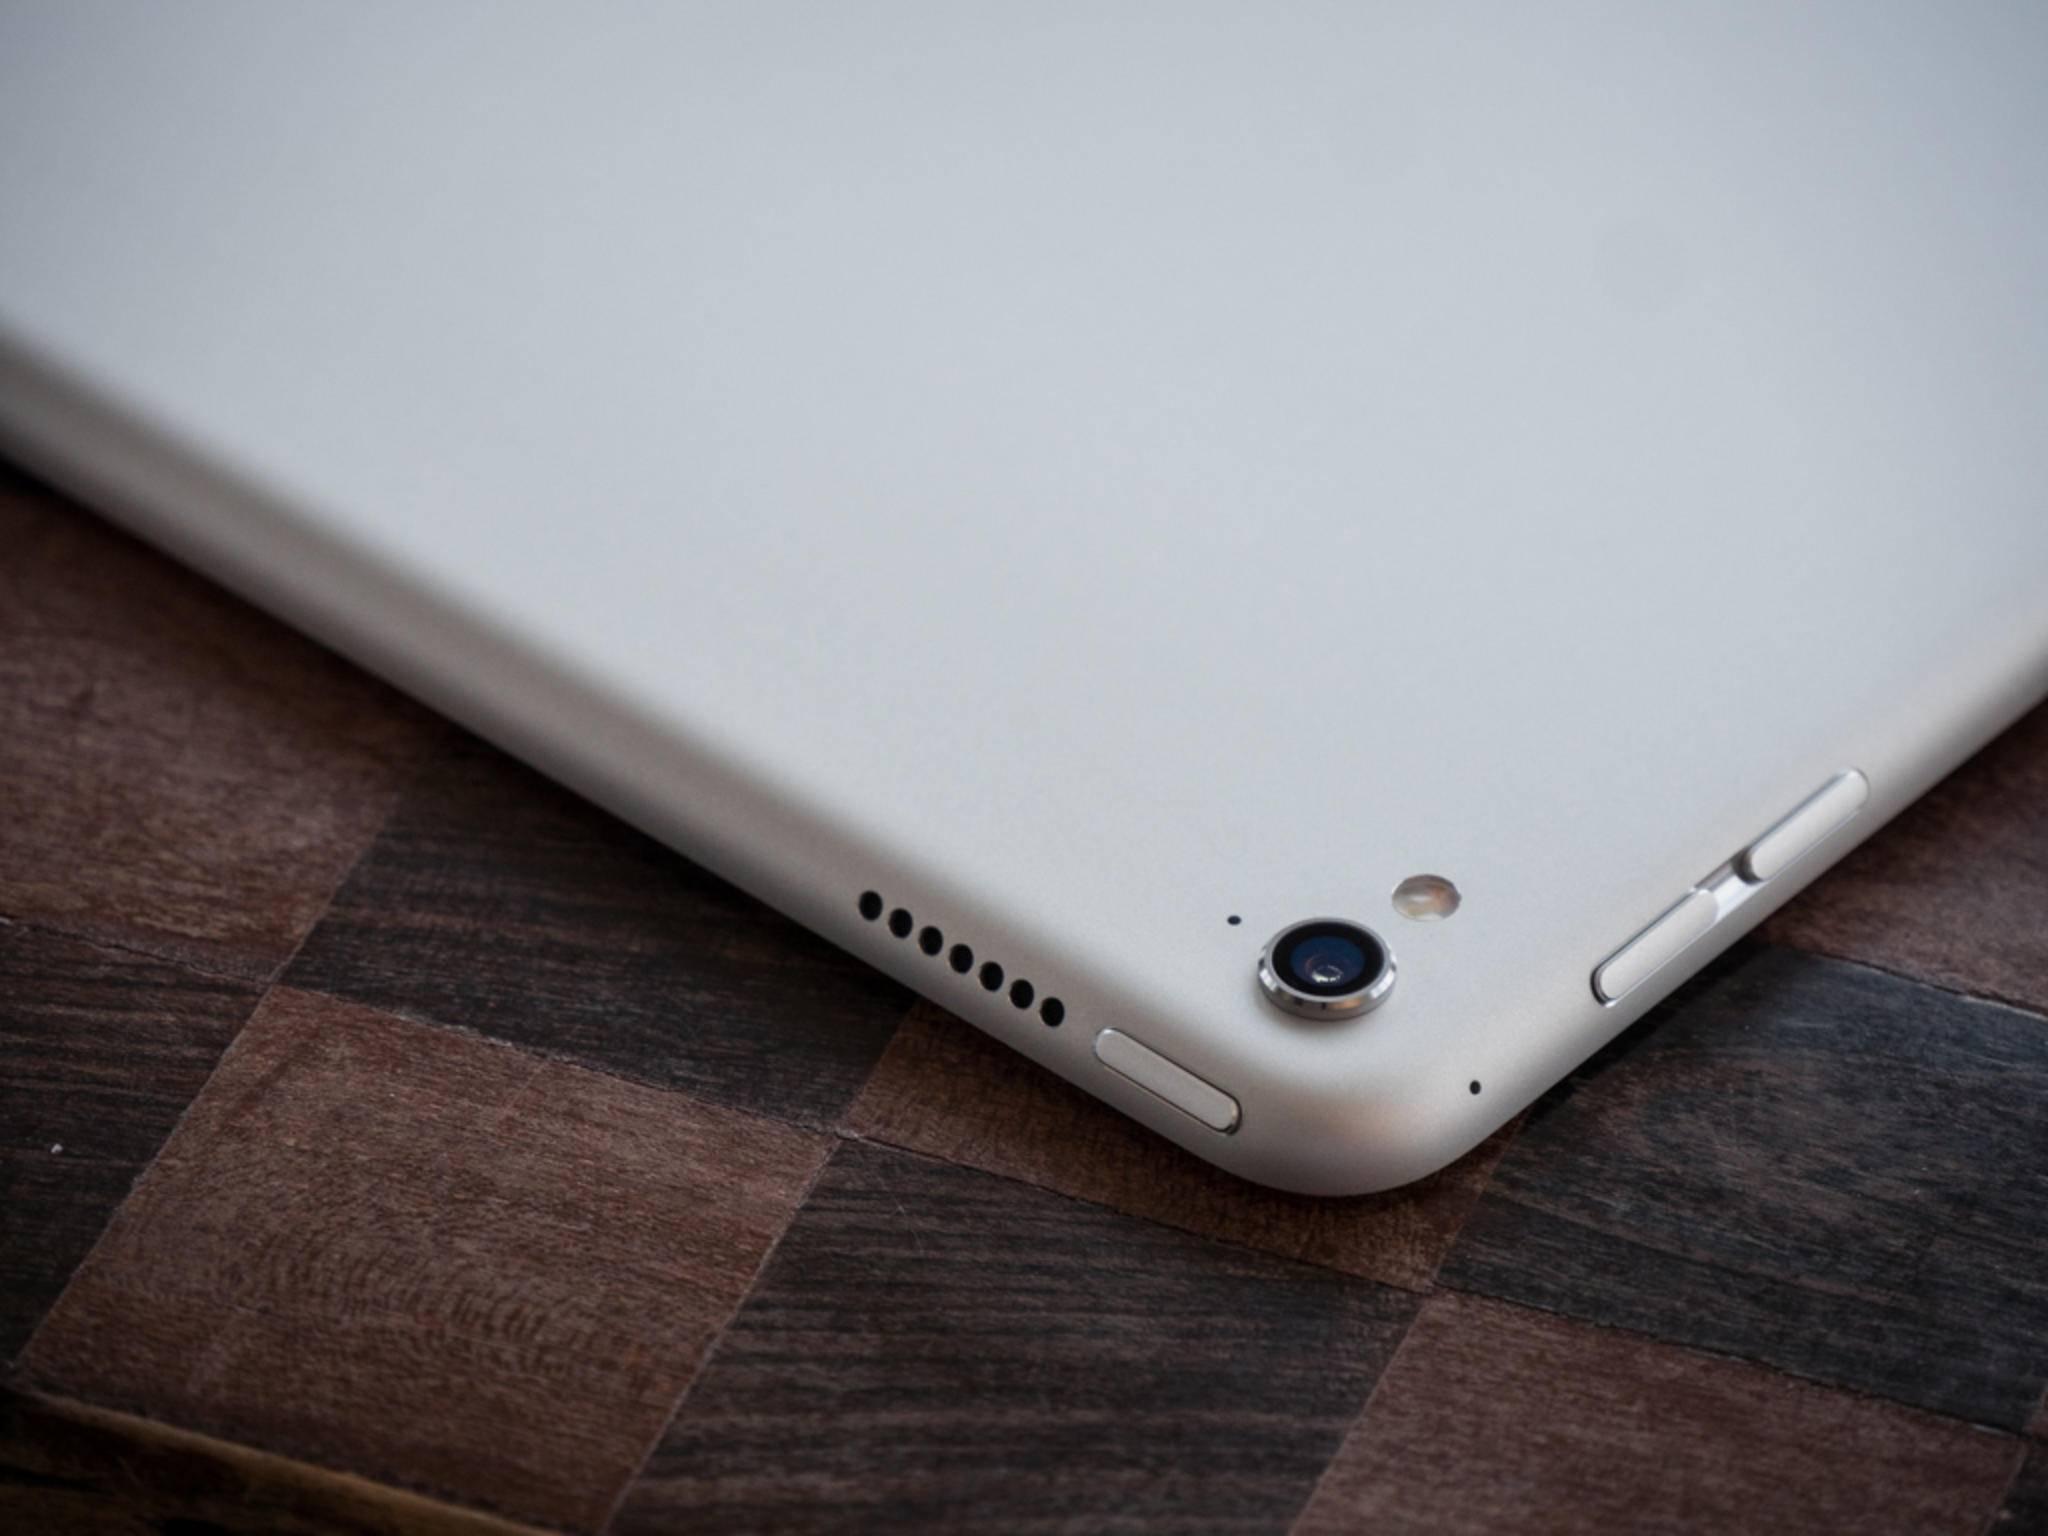 Die Kamera des iPad Pro erlaubt Aufnahmen mit 12 Megapixeln.